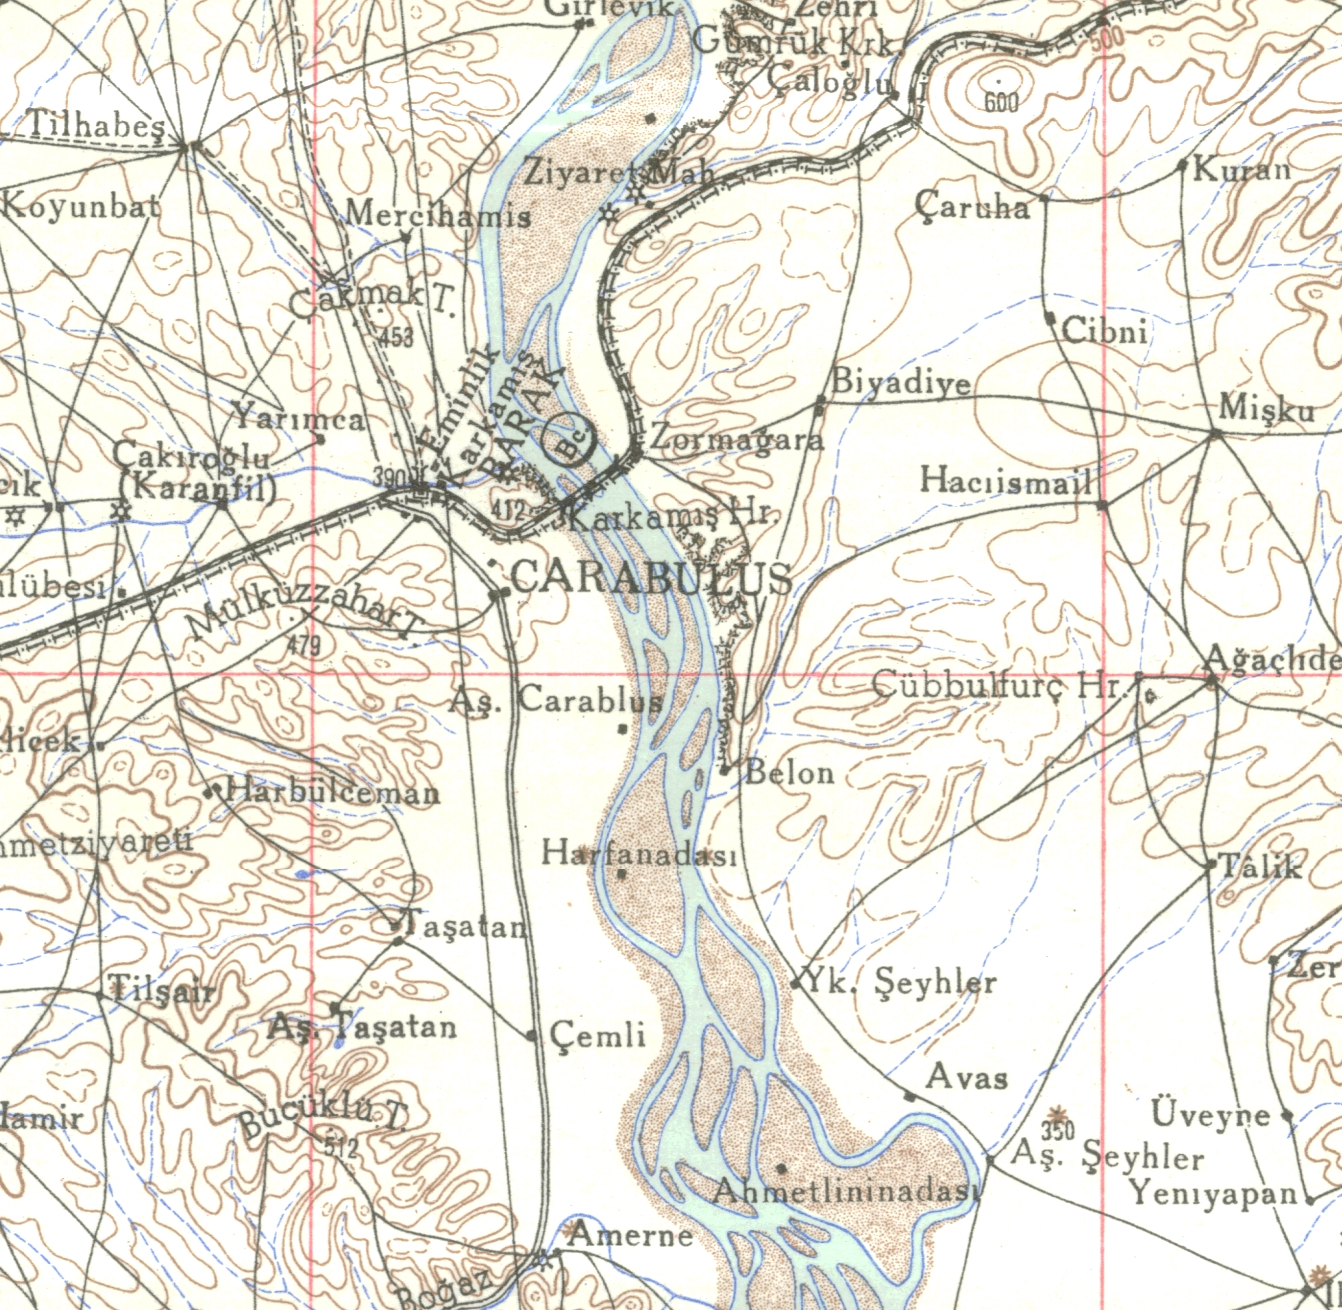 Carte de Birecik de 1915, avant toute frontière (fonds de l'IFEA) (on reconnaît Birecik au nord sur le fleuve Euphrate et la voie ferrée).